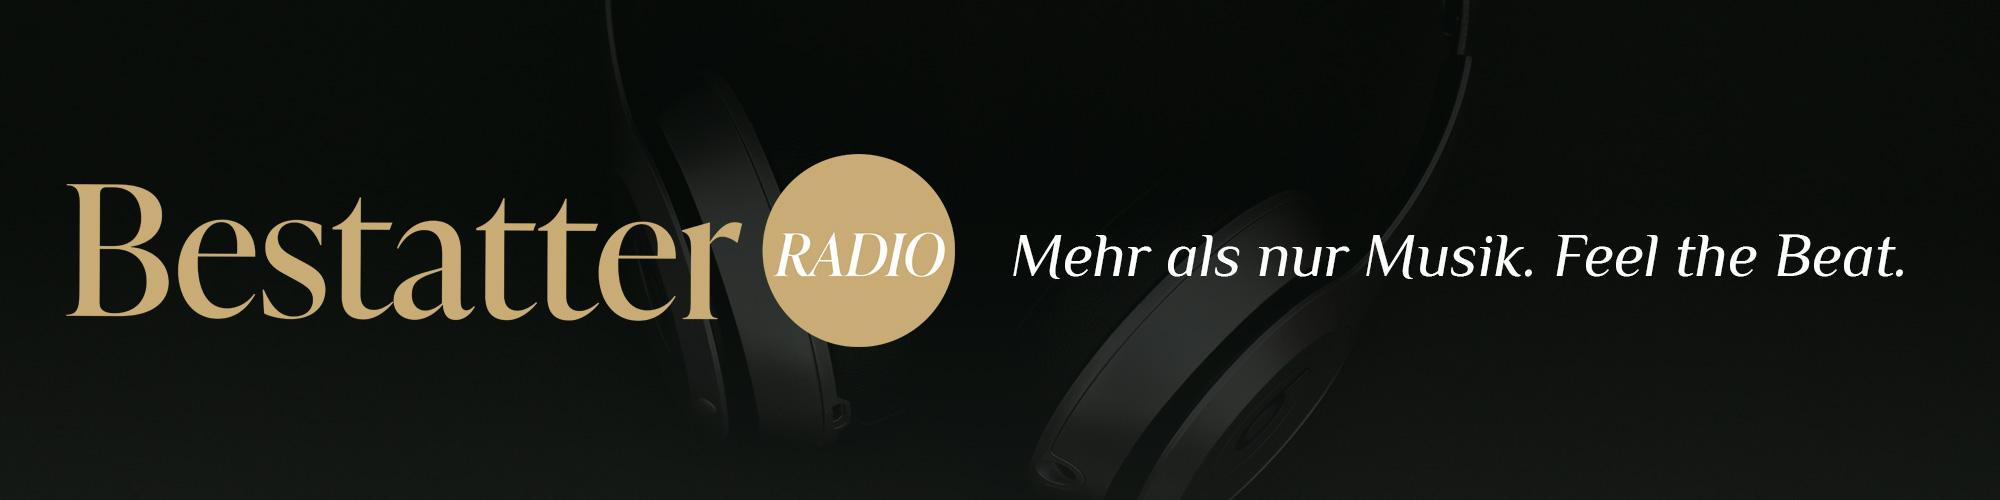 Bannerwerbung Bestatter Radio